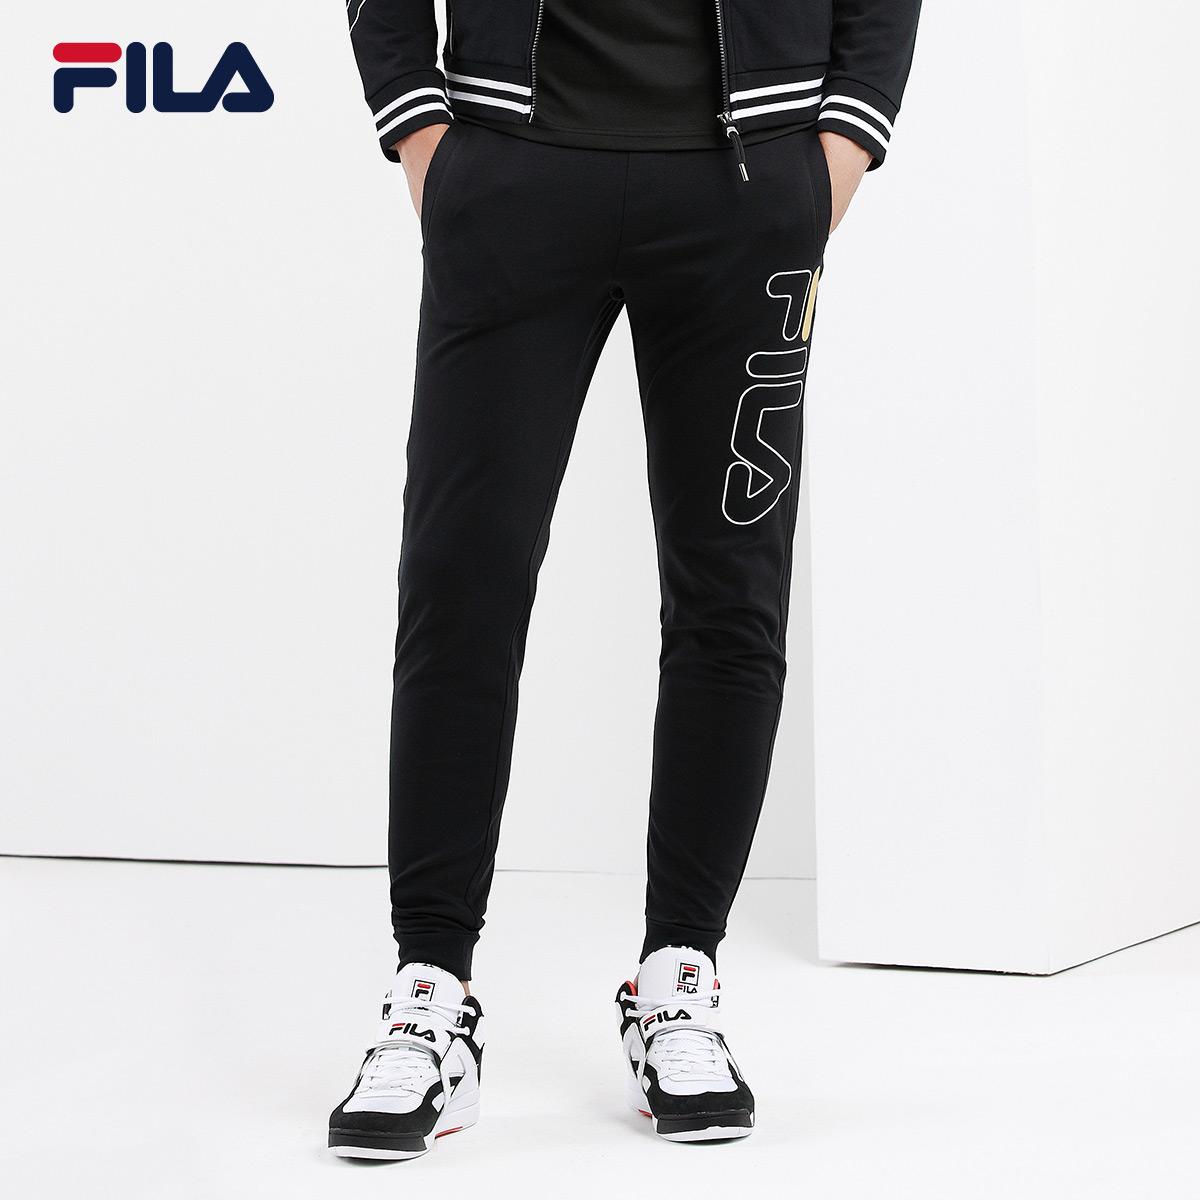 FILA斐乐运动裤男2018秋季新品透气休闲修身时尚运动缩口长裤男